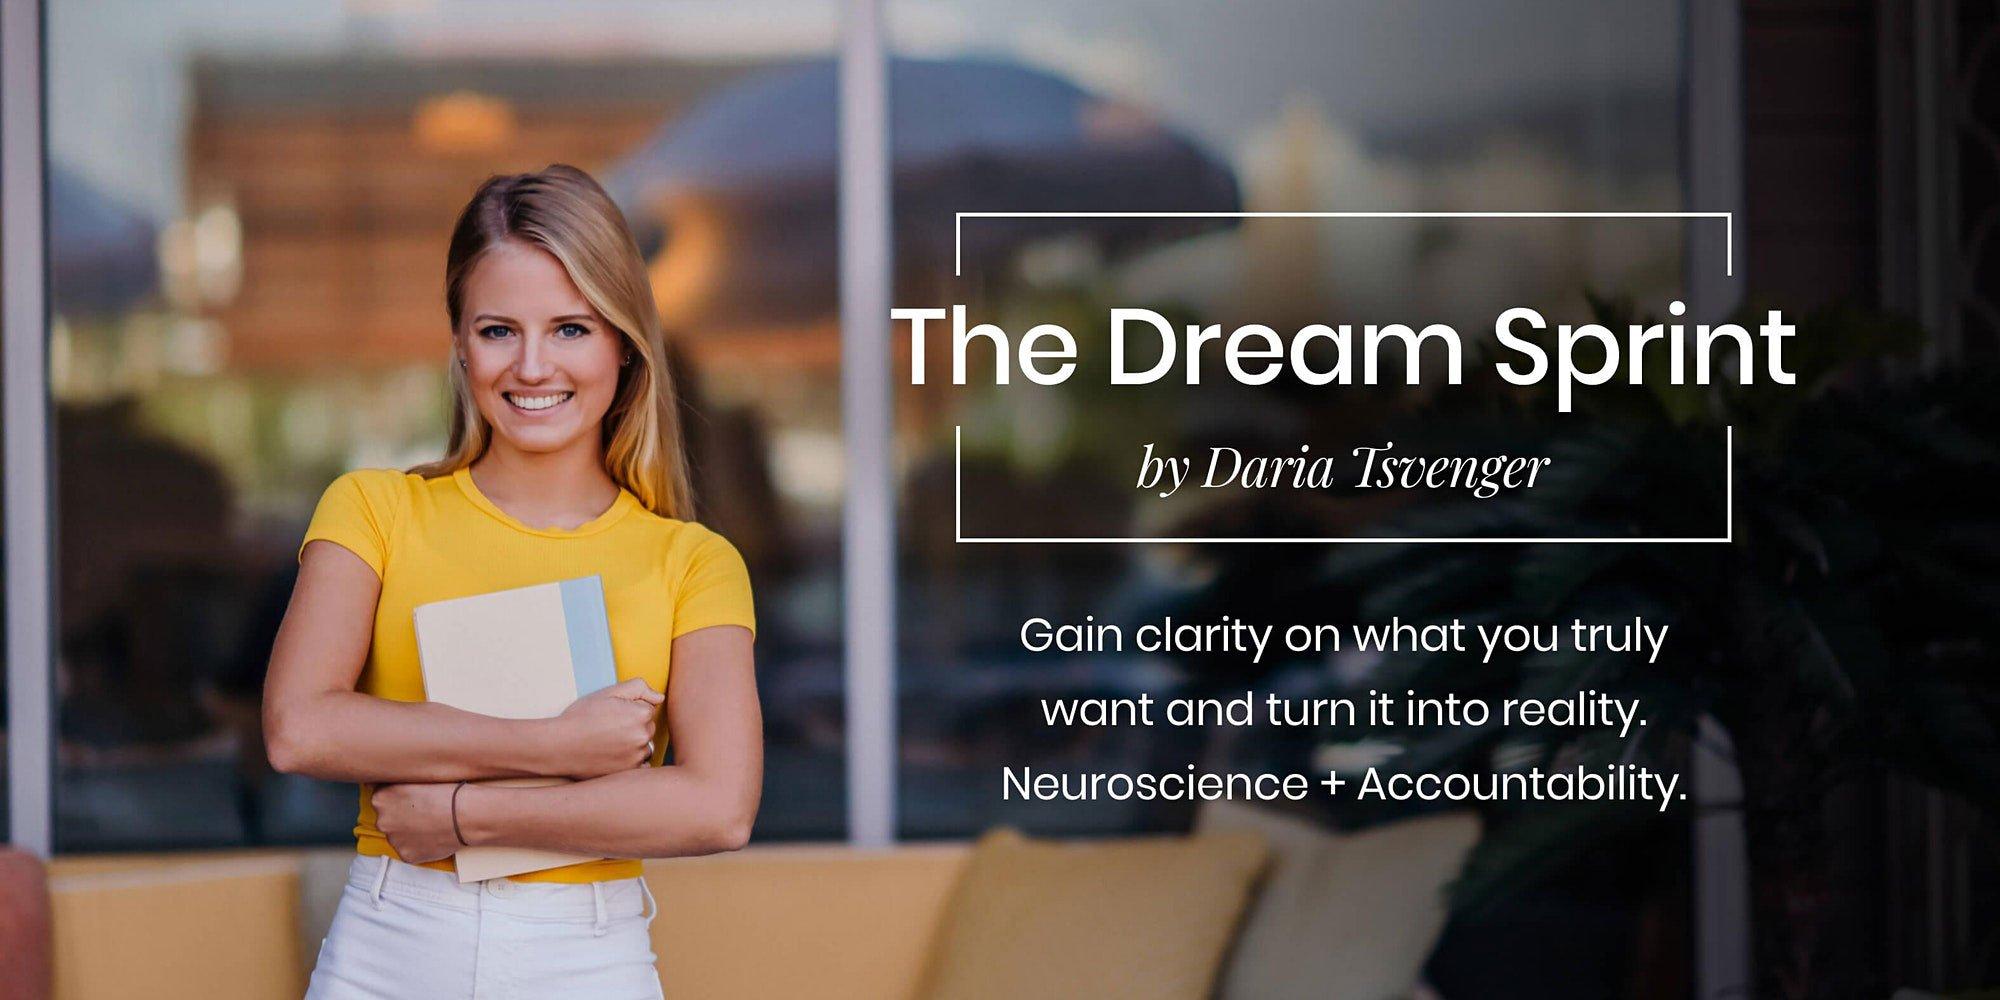 The Dream Sprint by Daria Tsvenger for kalika.com